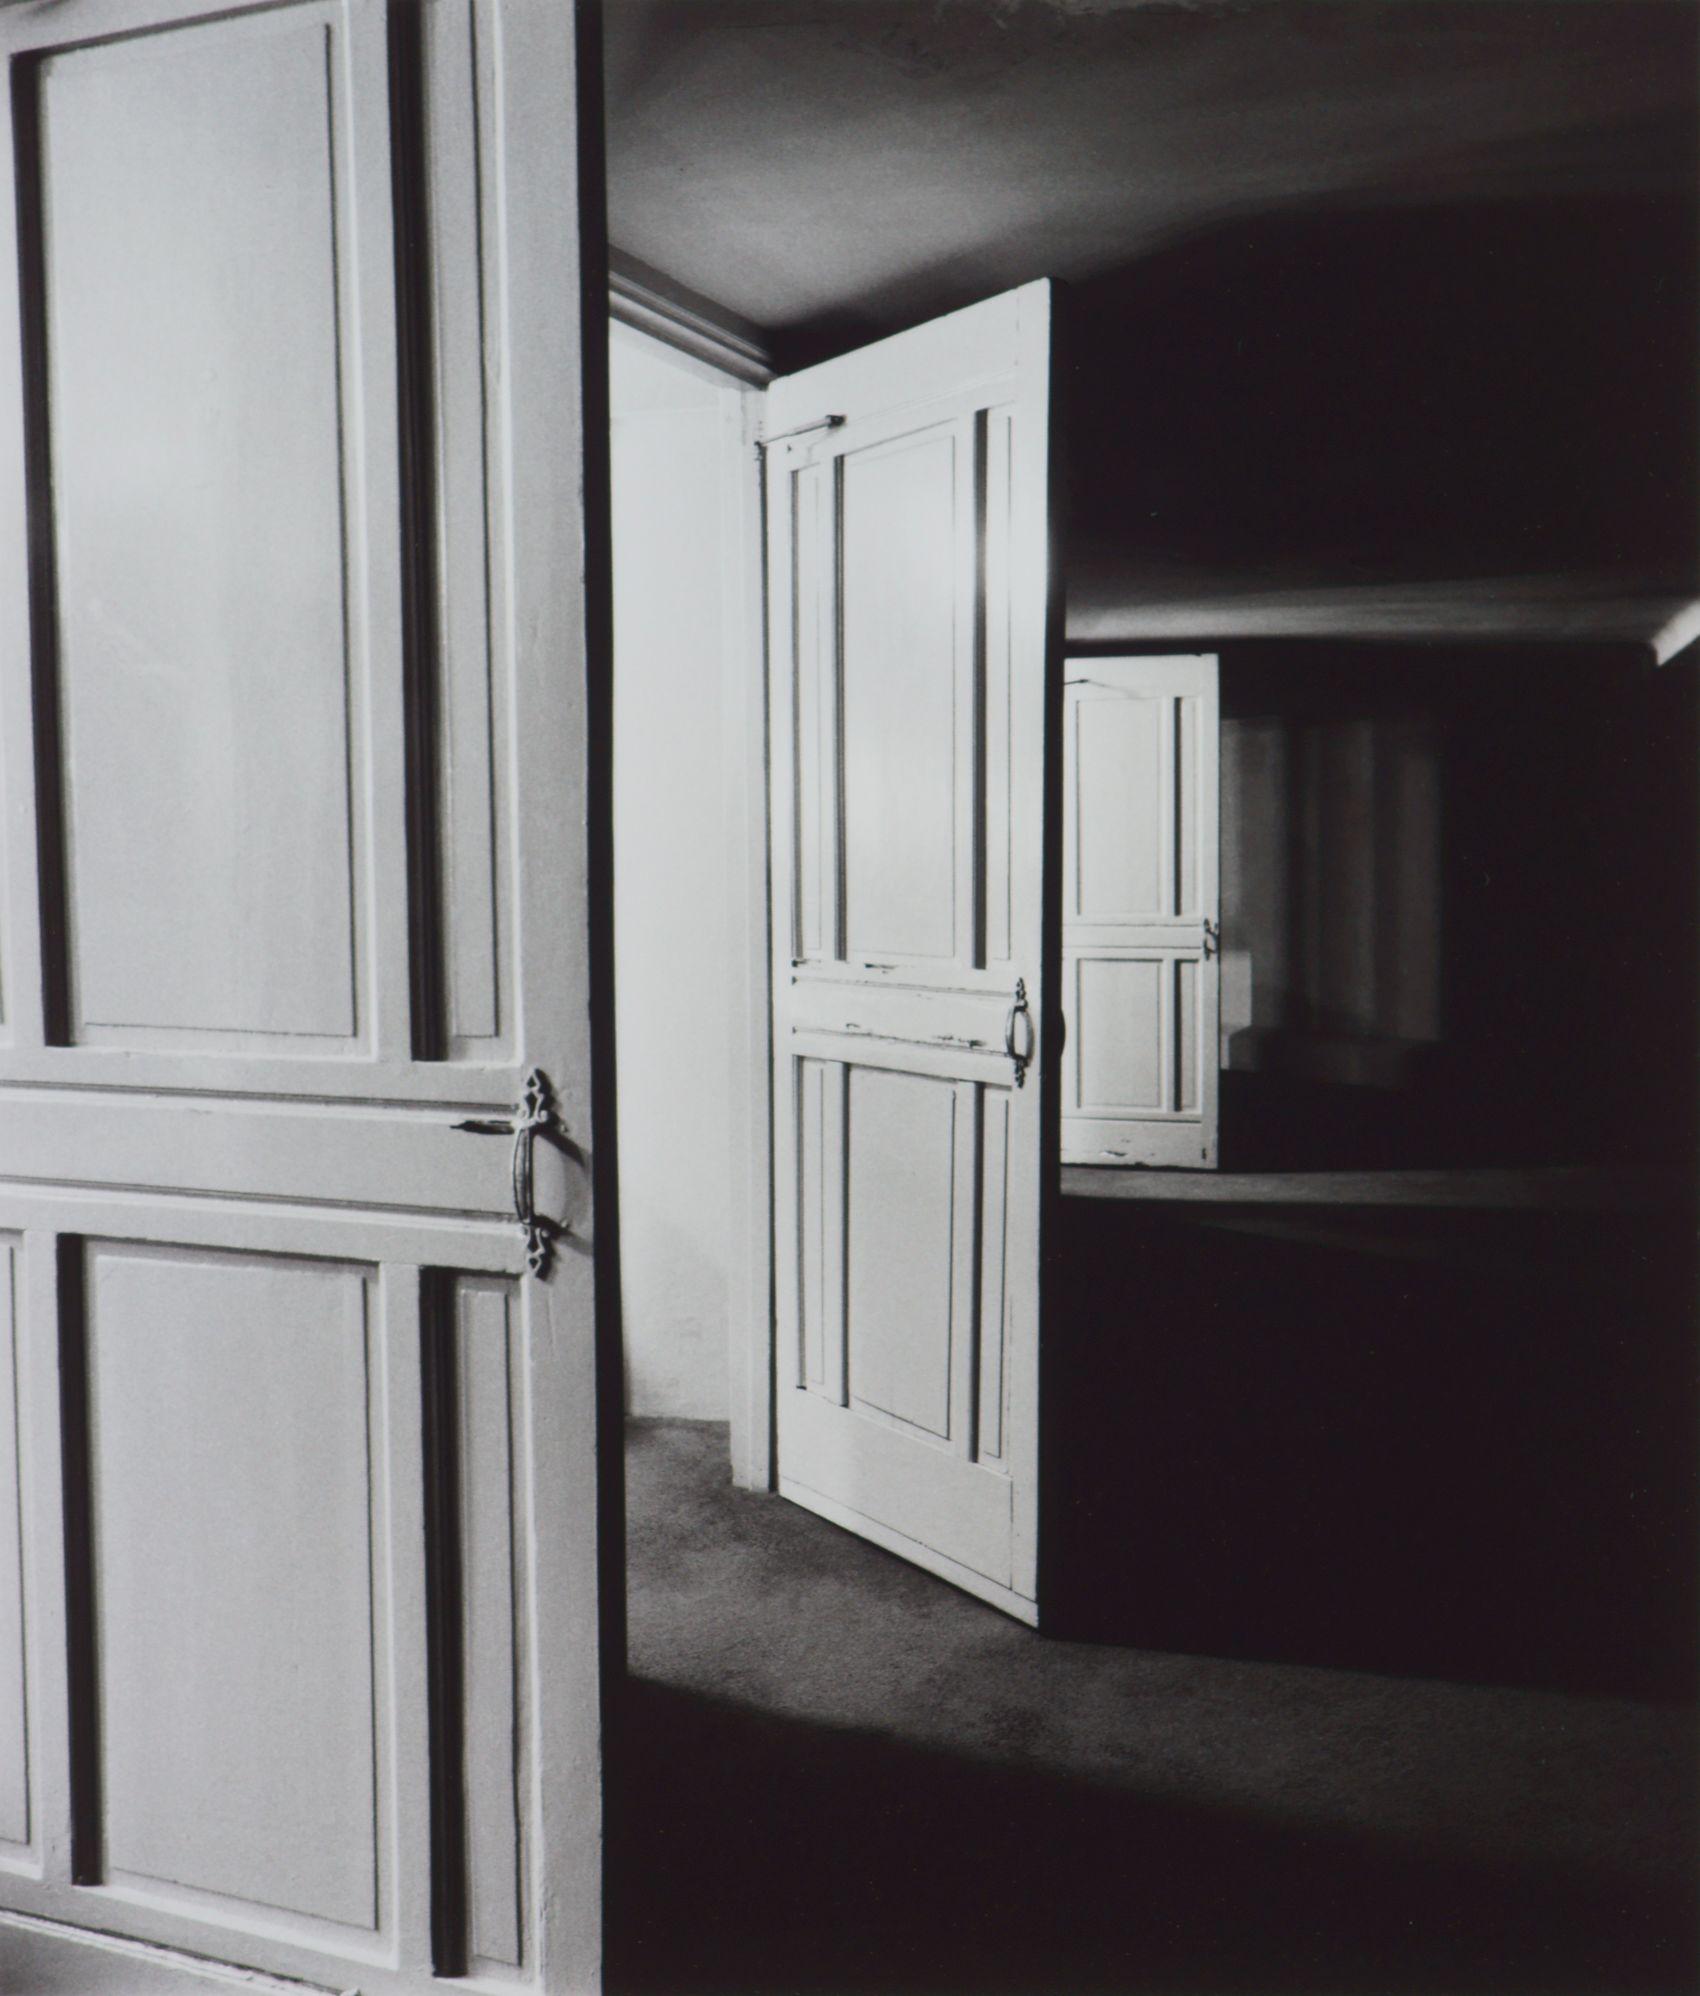 Theatre Doors, Oaxaca